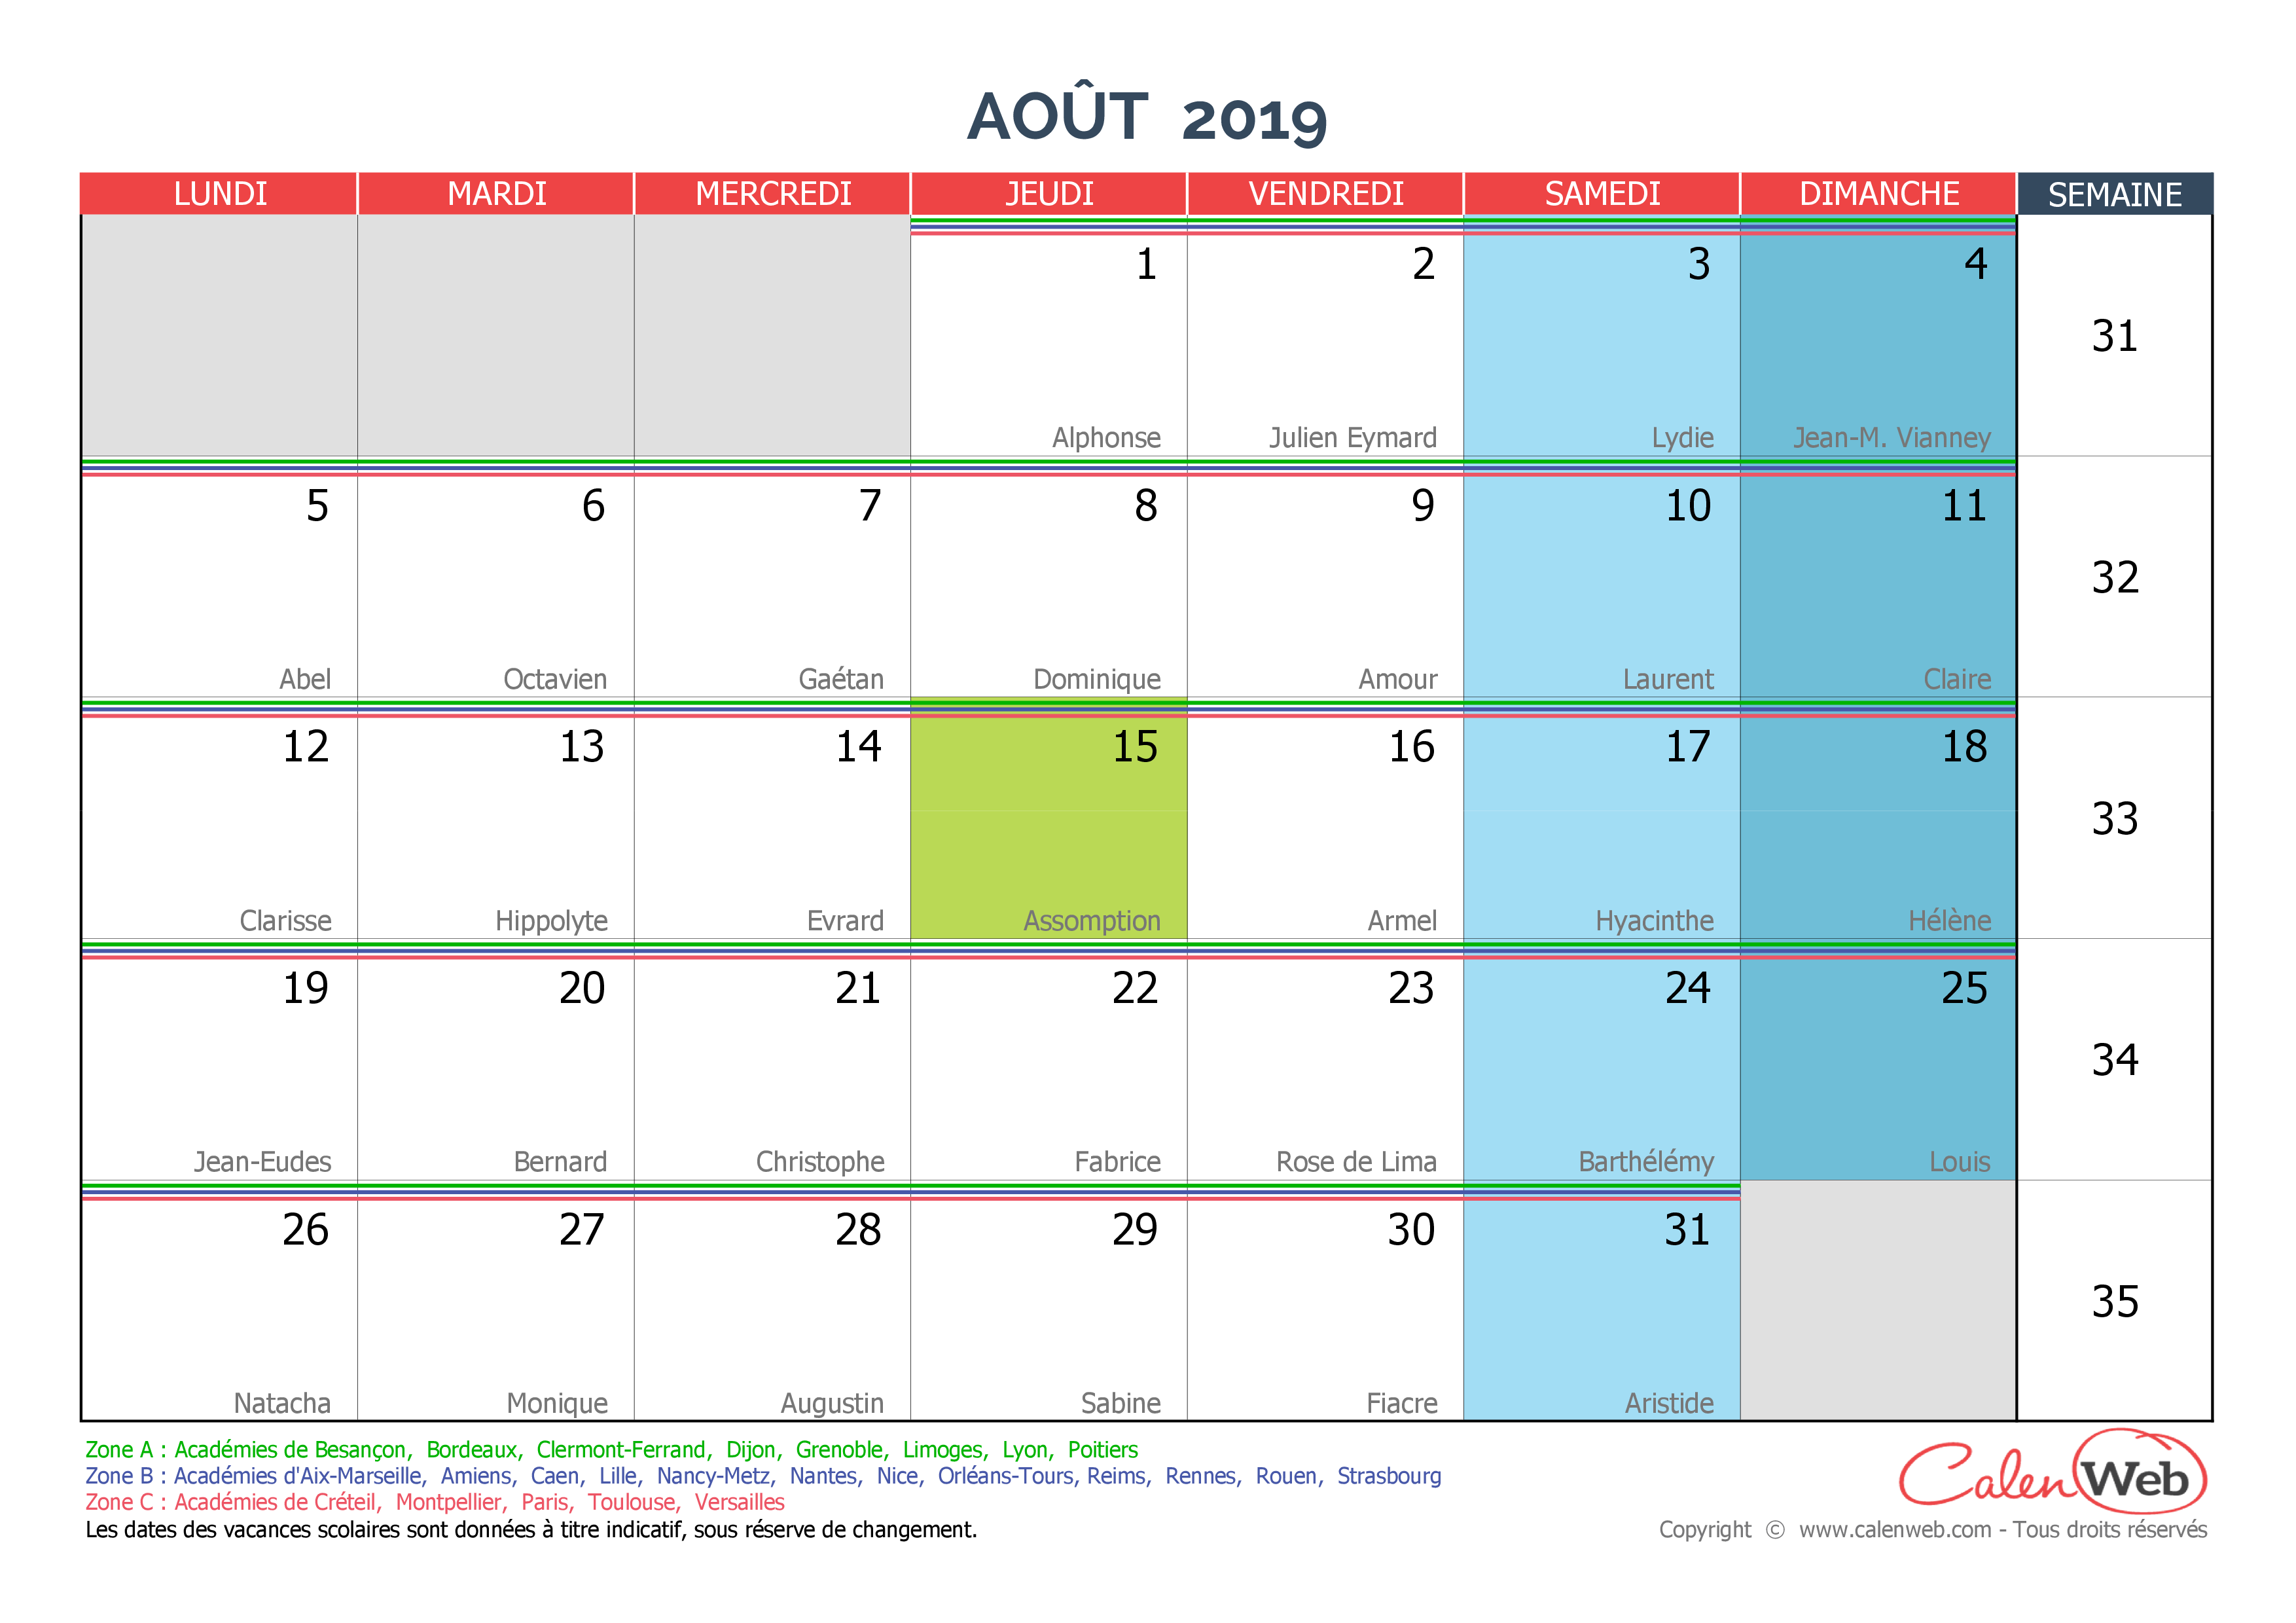 Calendrier Mois Aout 2019.Calendrier Mensuel Mois D Aout 2019 Avec Fetes Jours